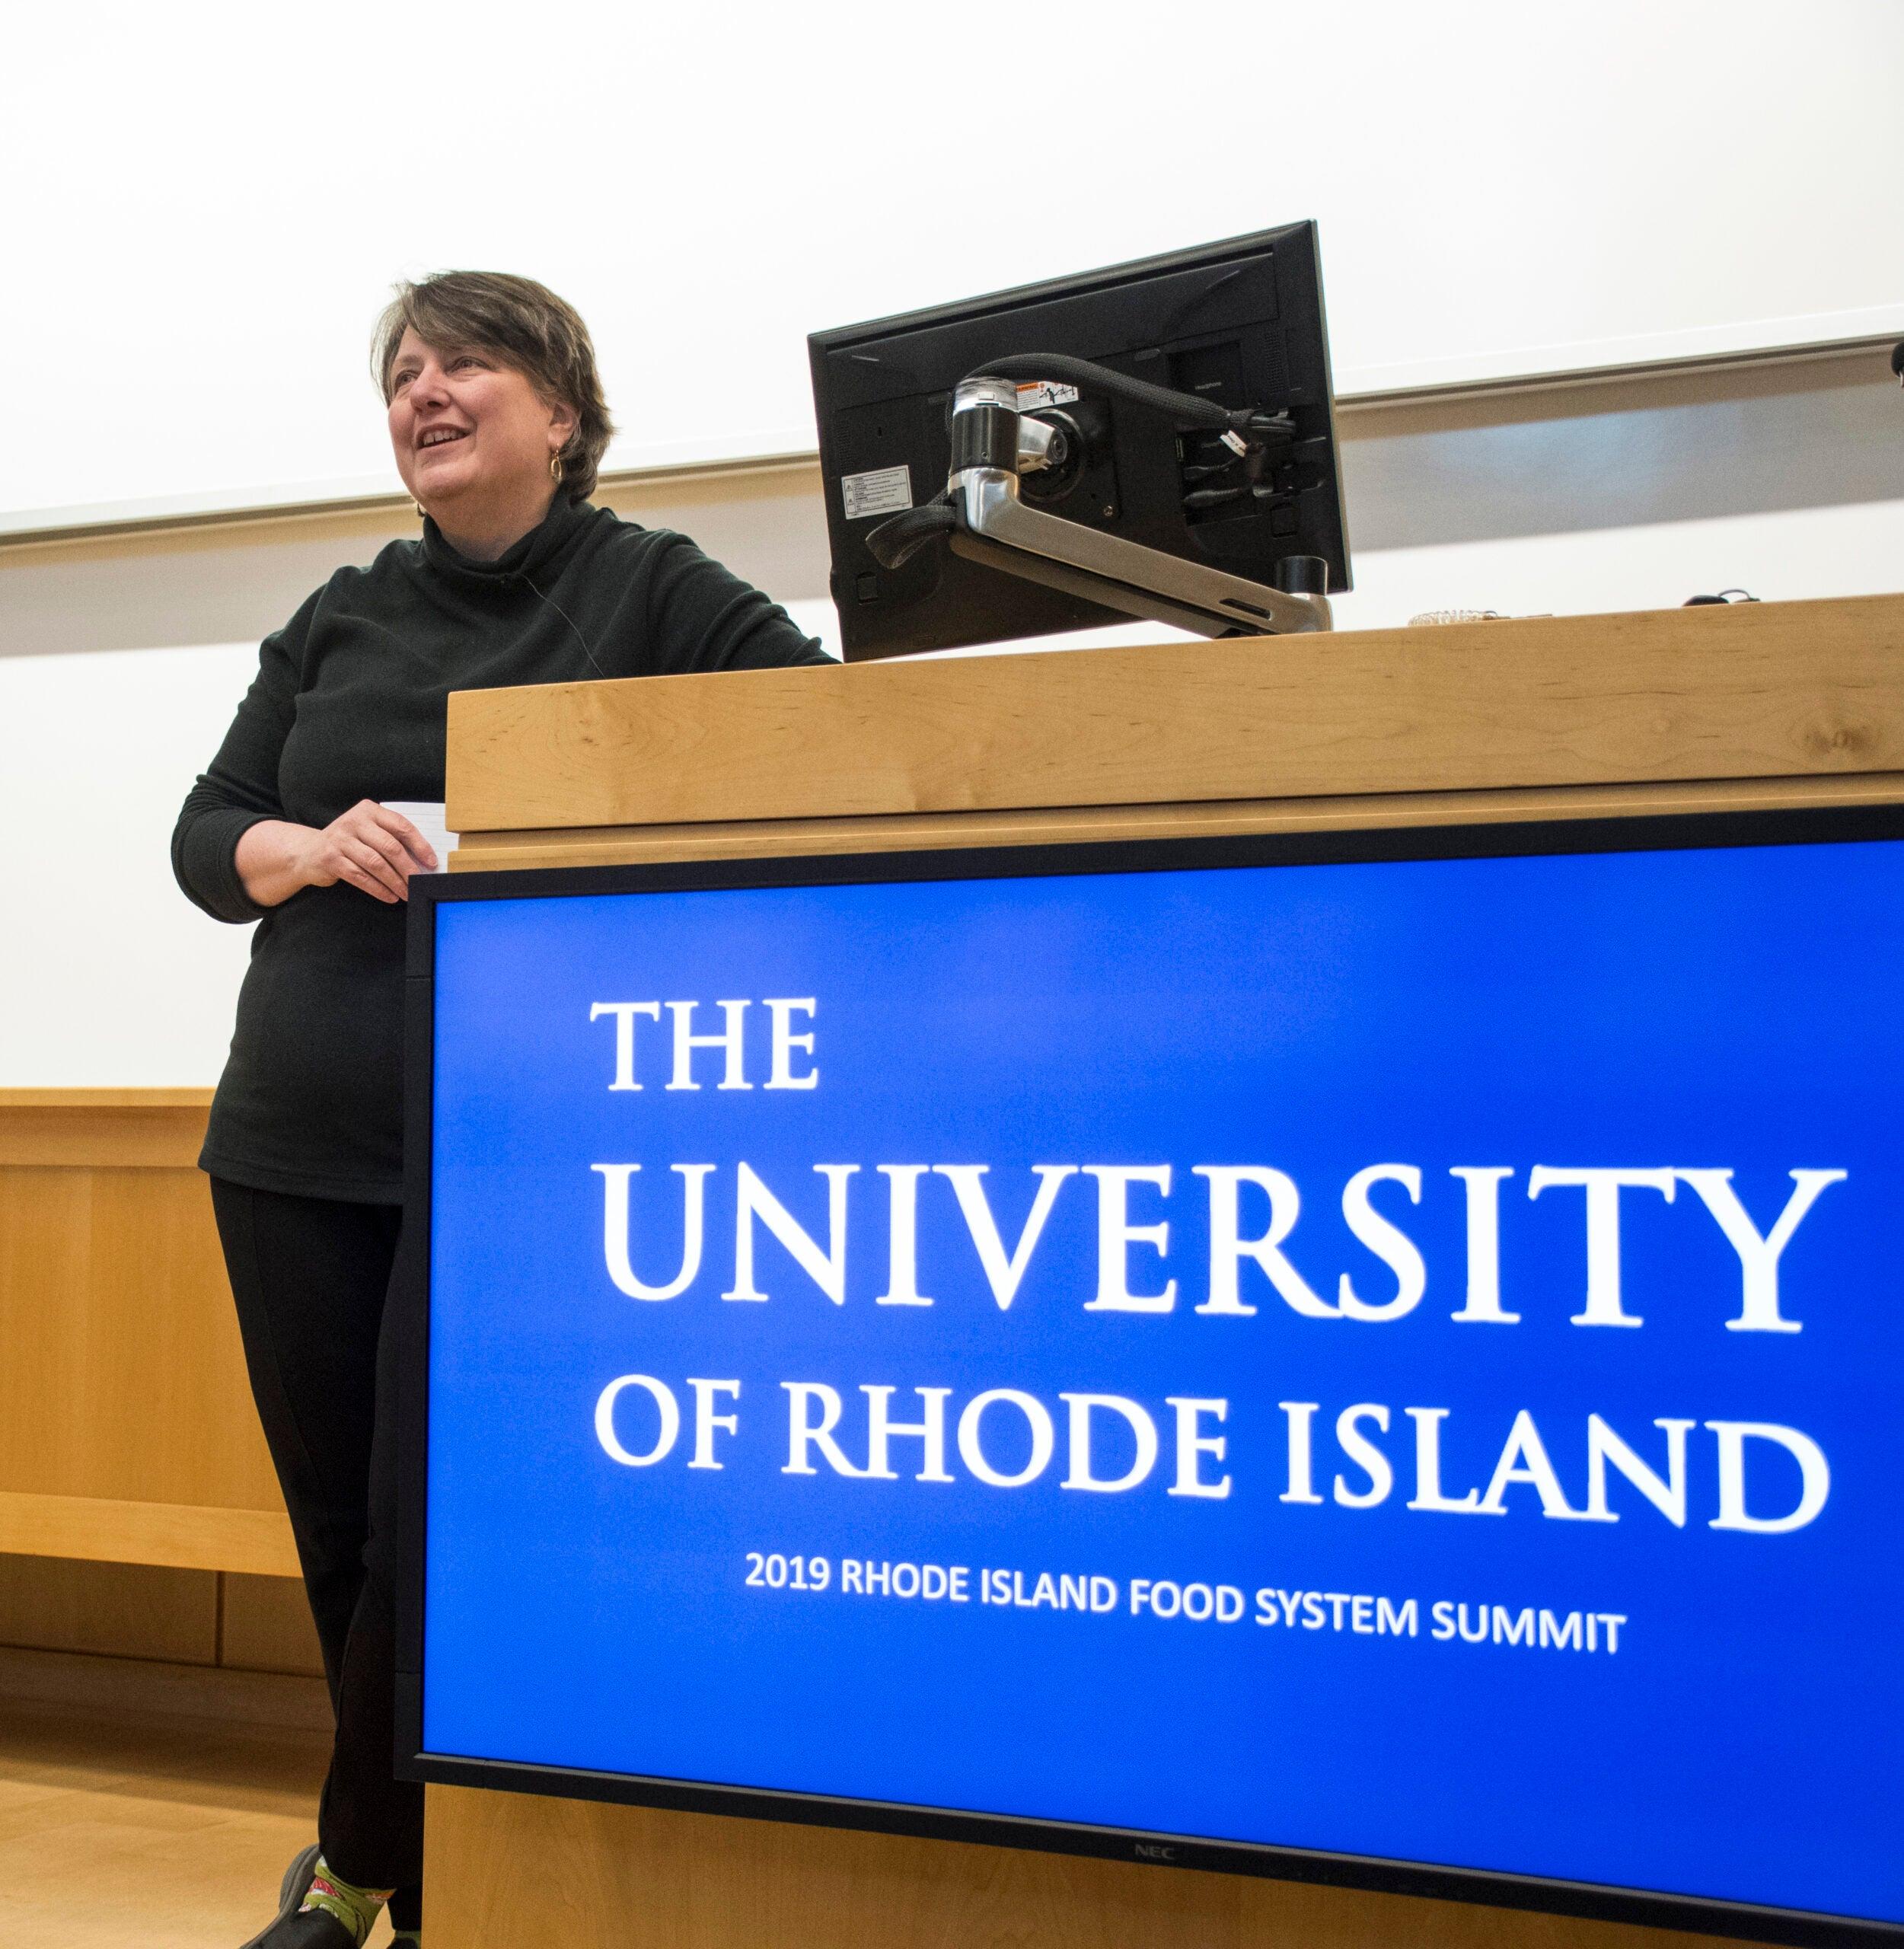 Keynote speaker Kathleen Merrigan